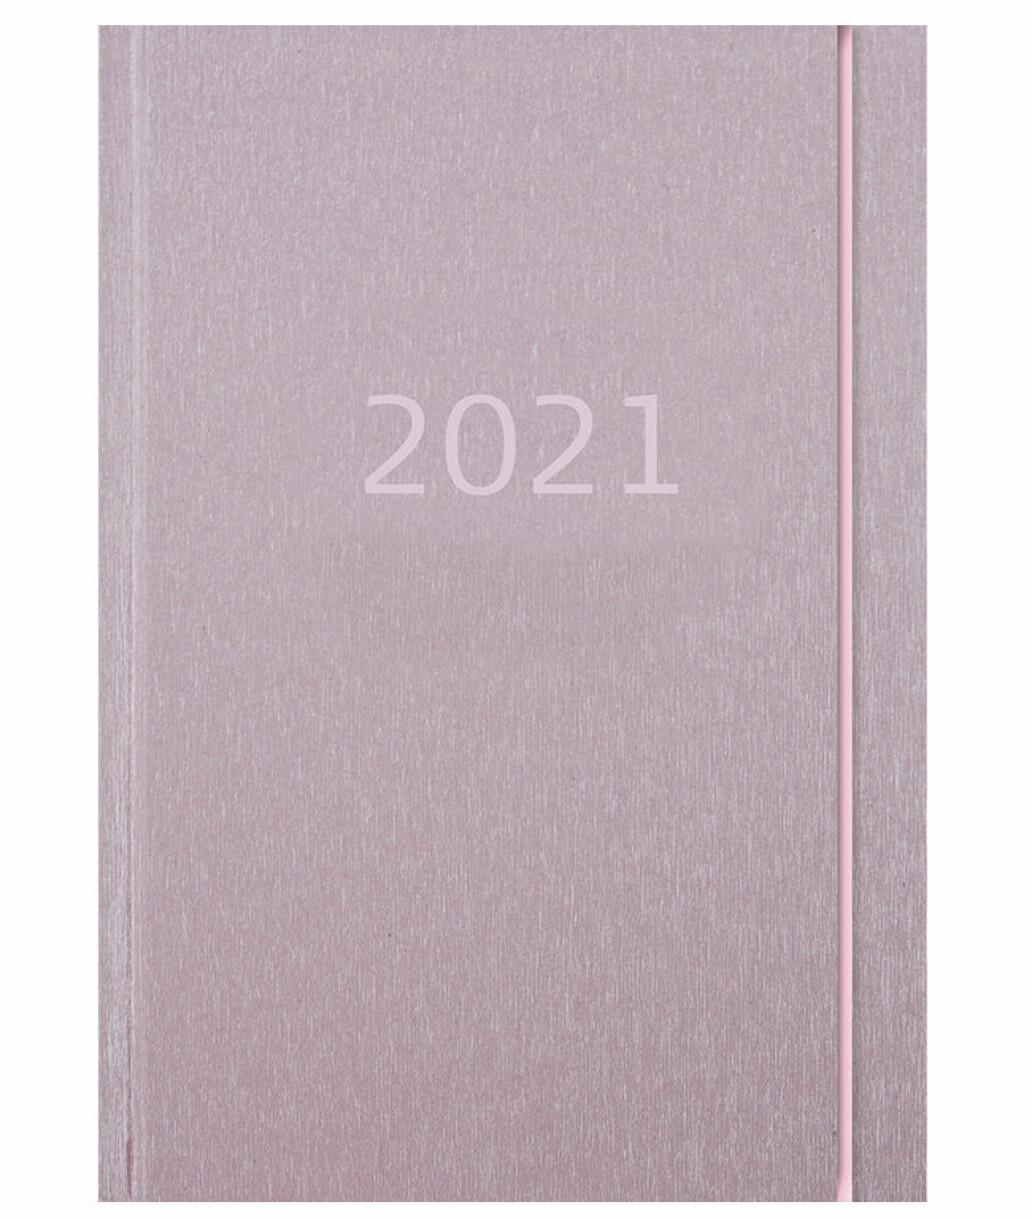 Rosa kalender för 2021.